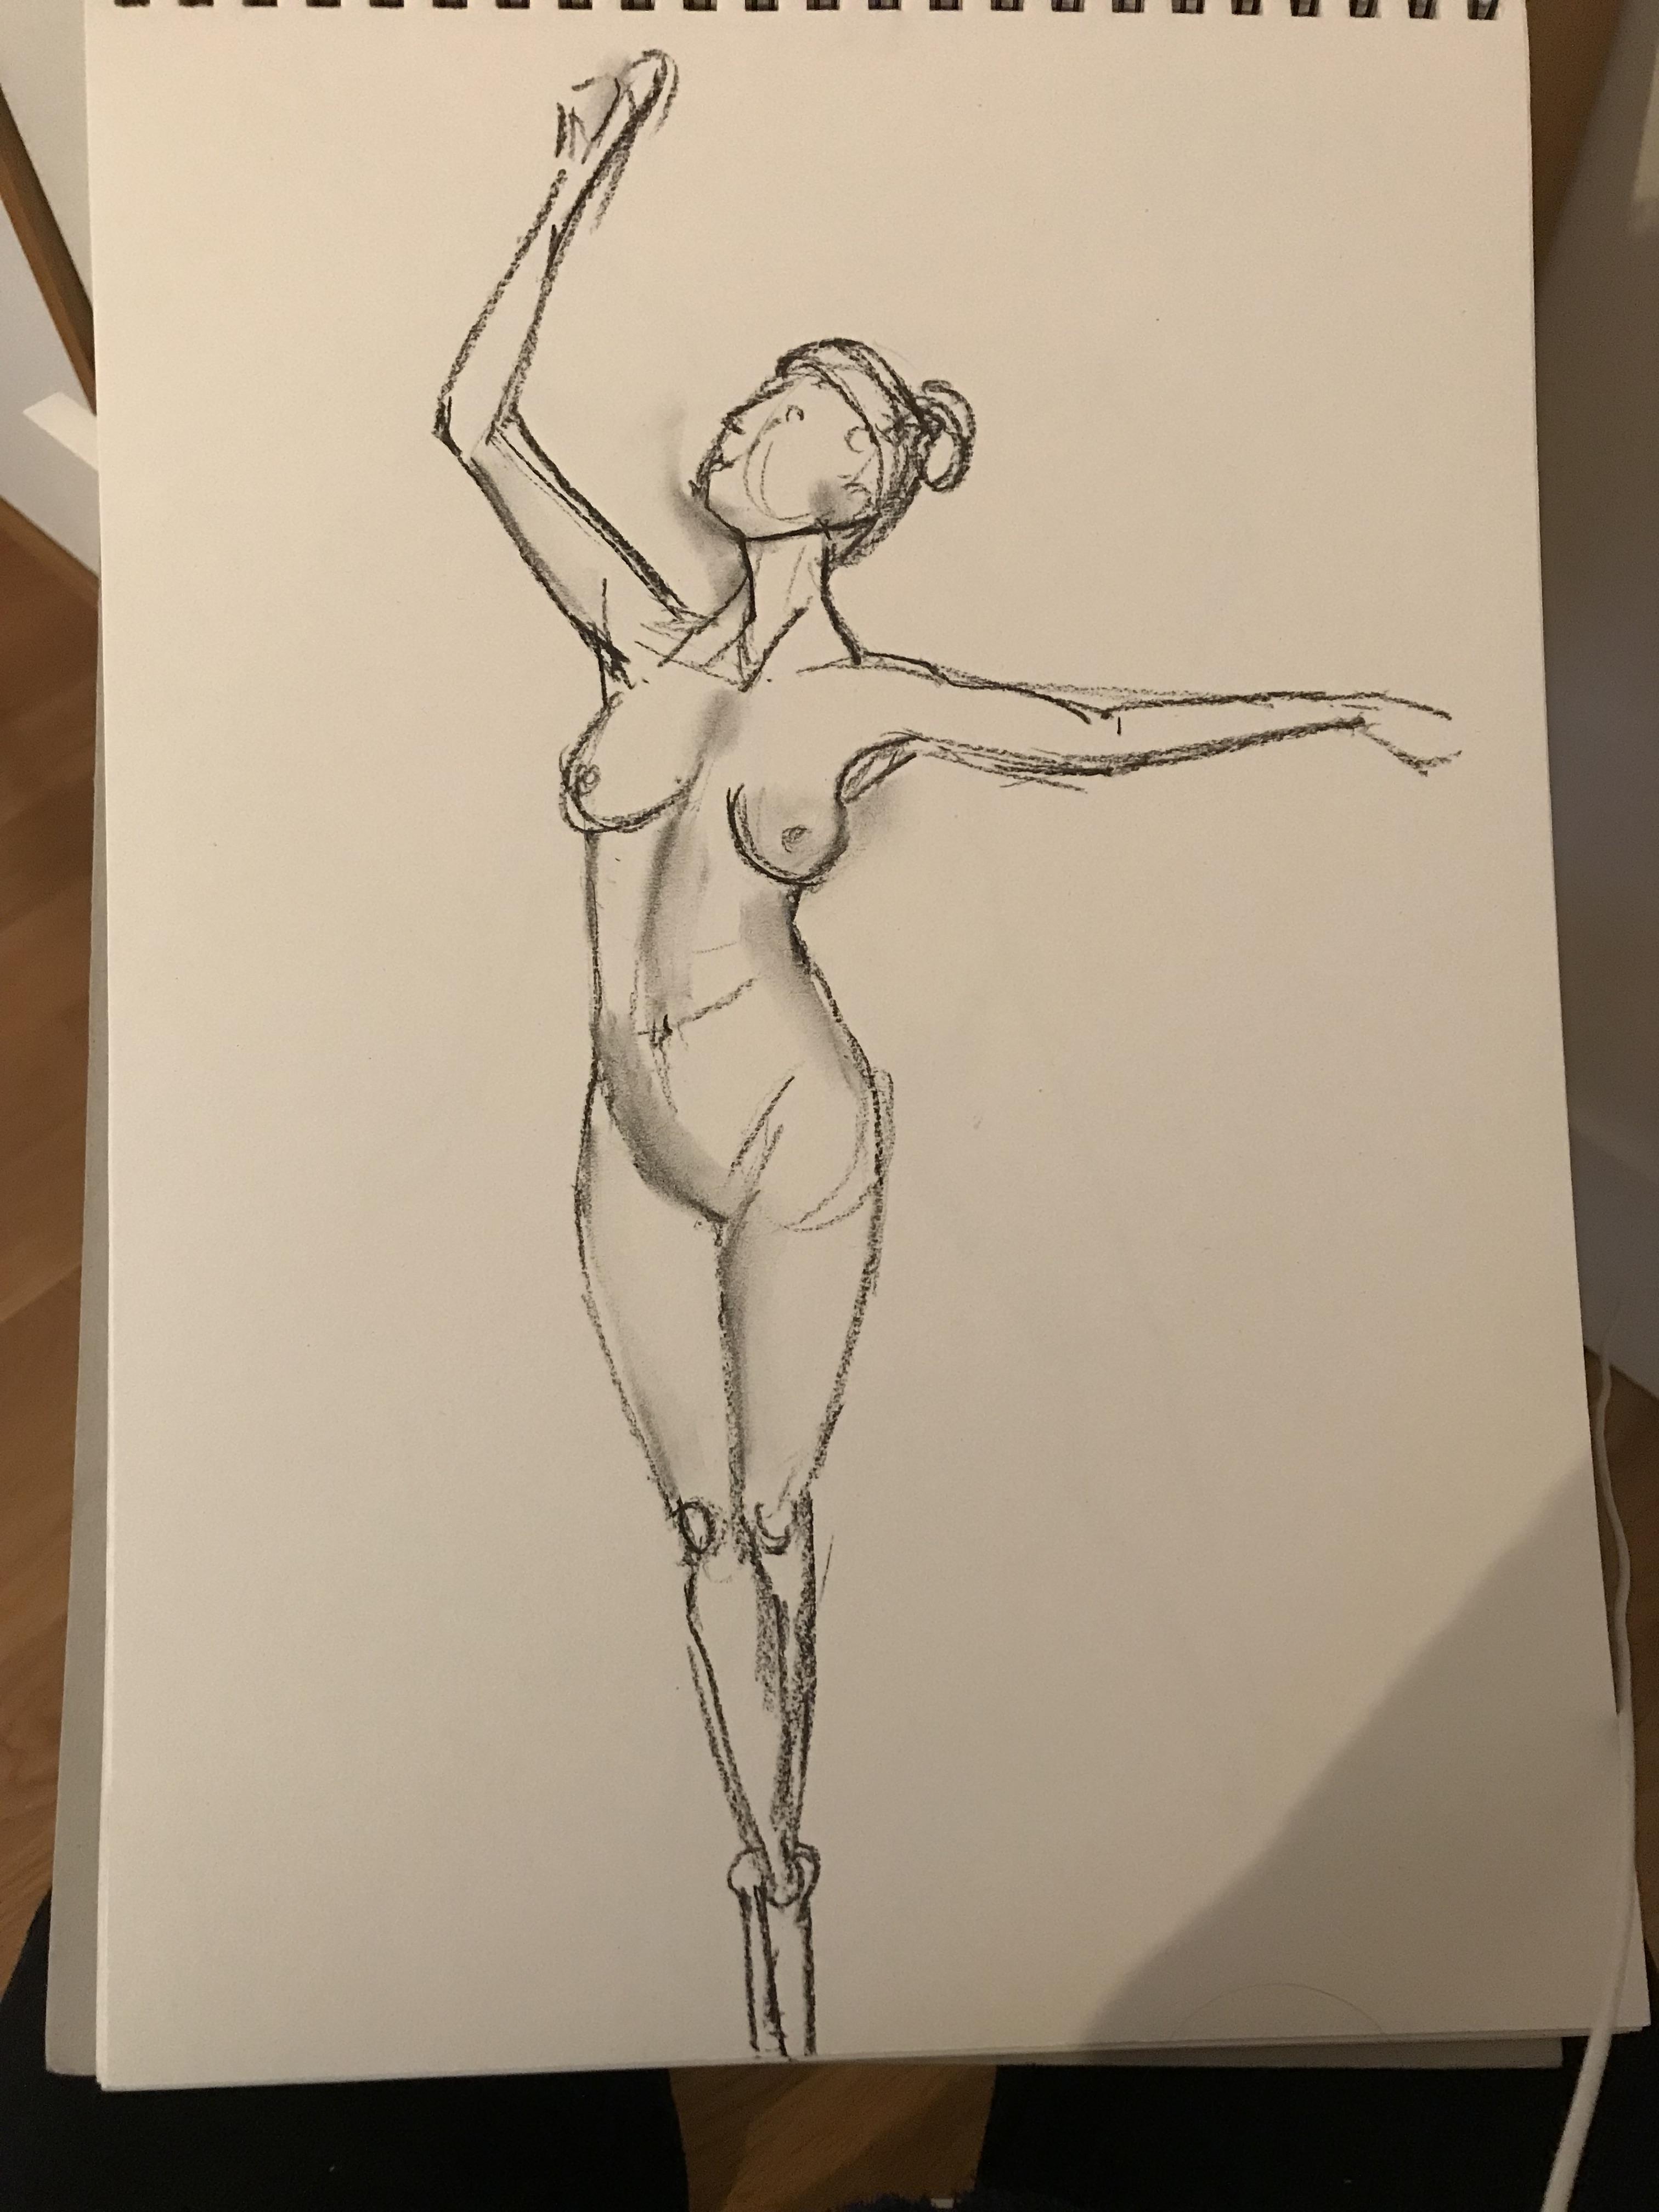 Esquisse danseuse fusain trois quarts face pointe  cours de dessin